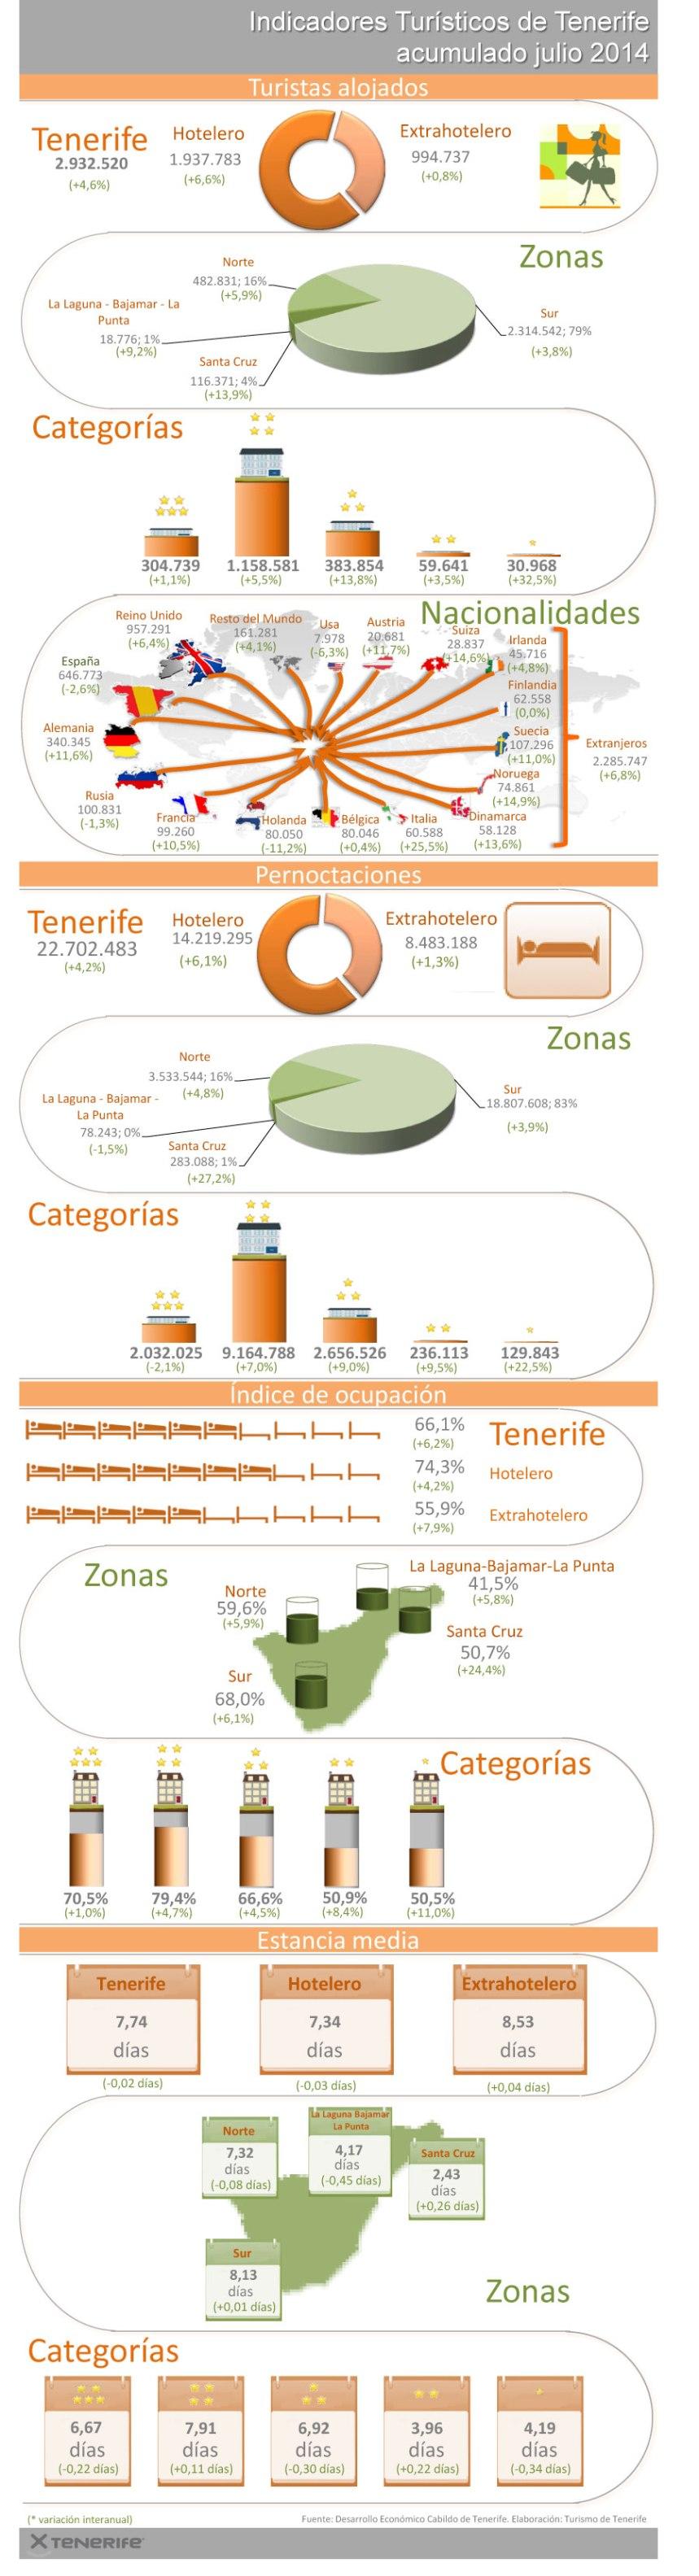 Evolución del turismo en Tenerife (7/2014)